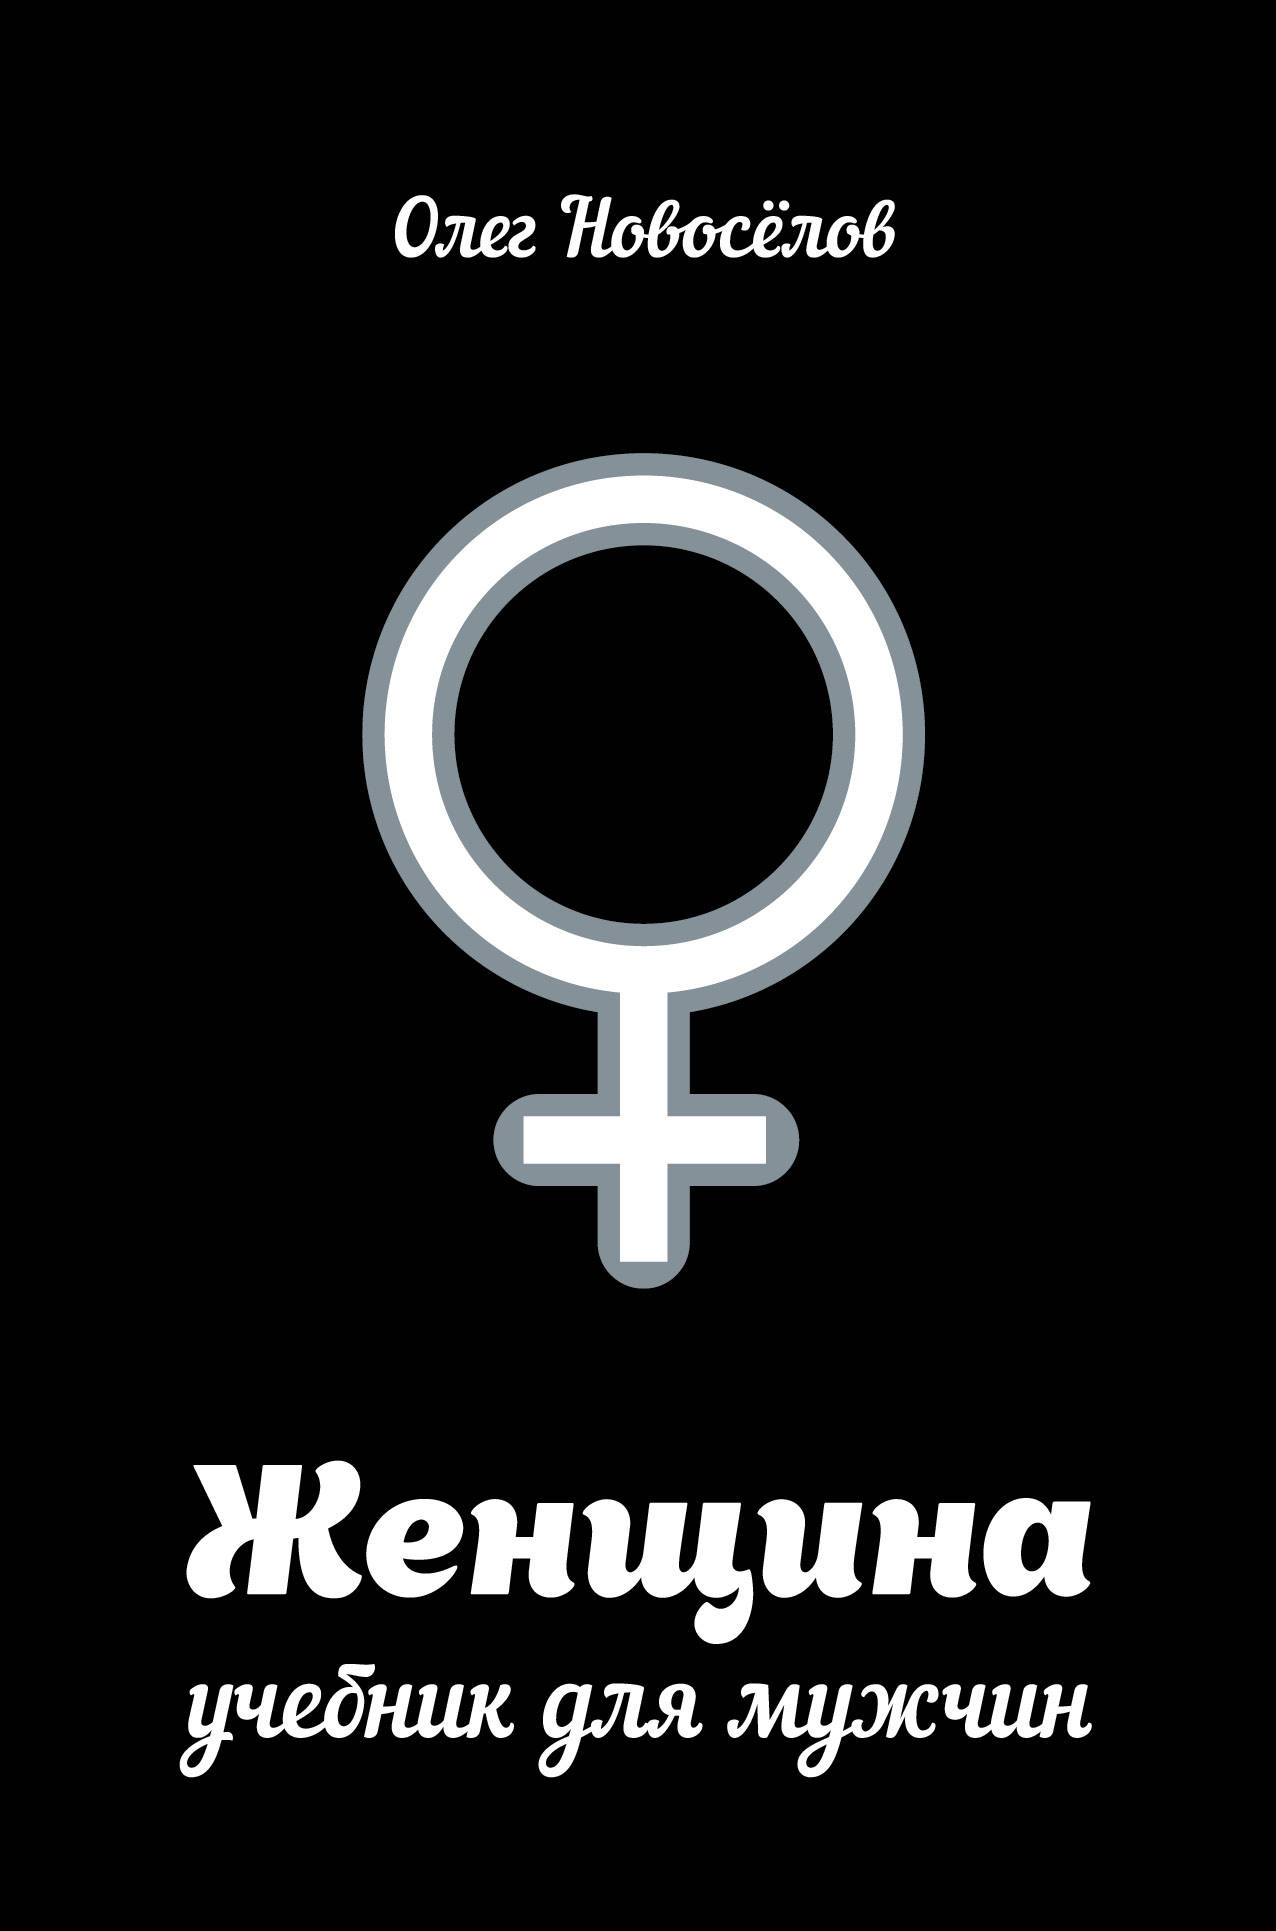 Новоселов Олег Прикладная этология человека офиц сайт